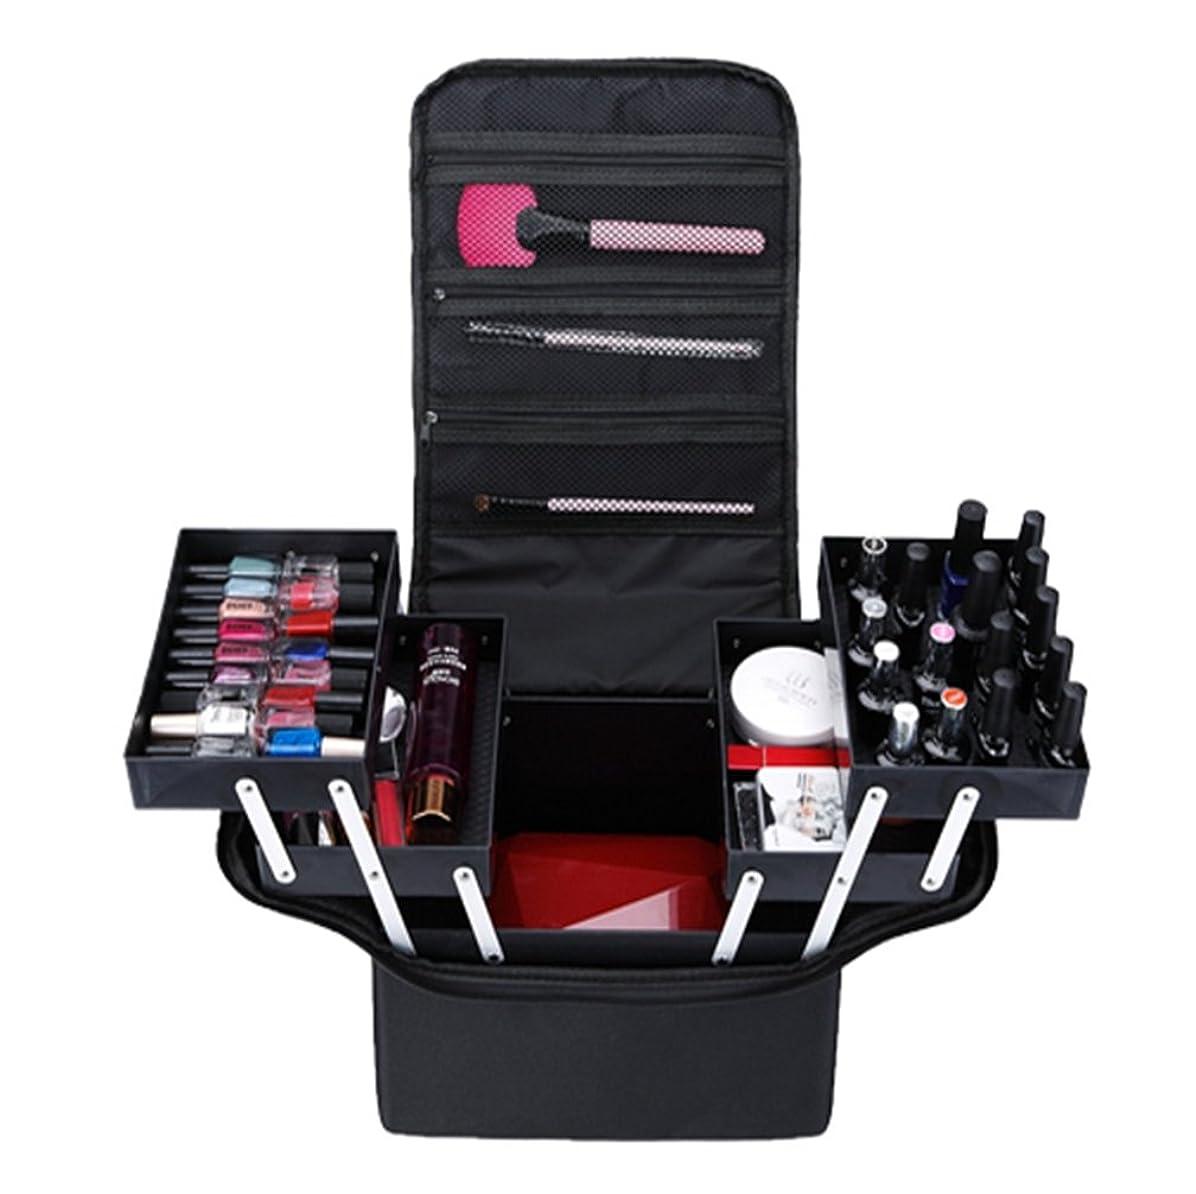 ピクニックマニフェスト必須「XINXIKEJI」メイクボックス コスメボックス ネイルボックス 2段 大容量 機内持ち込み可 洗える 肩掛け 化粧ボックス スプロも納得 収納力抜群 かわいい 祝日プレゼント 取っ手付 コスメBOXブラック